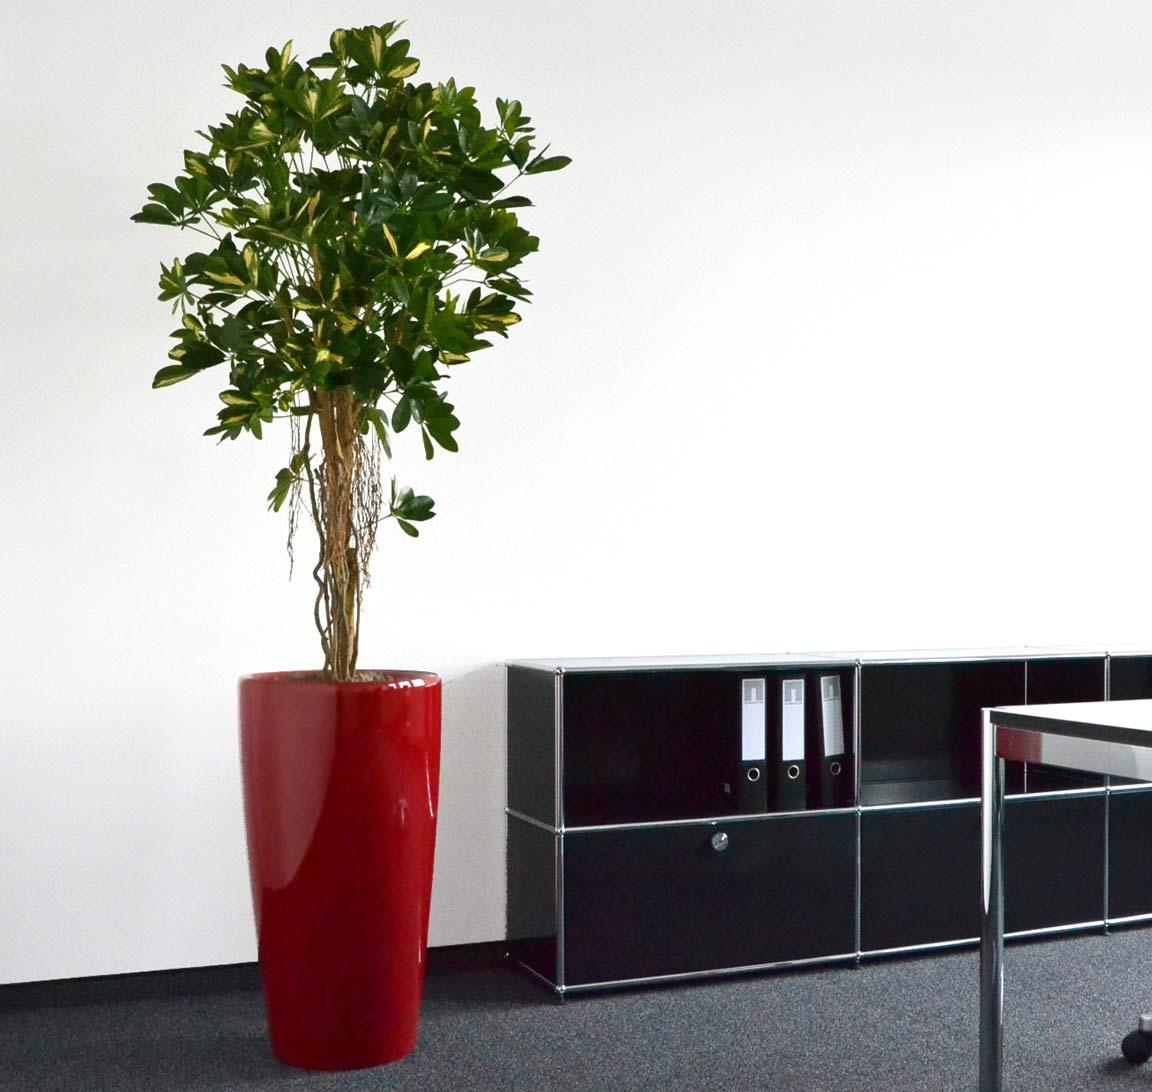 Büroeinrichtung mit Kunstpflanzen, akzente raumbegrünung